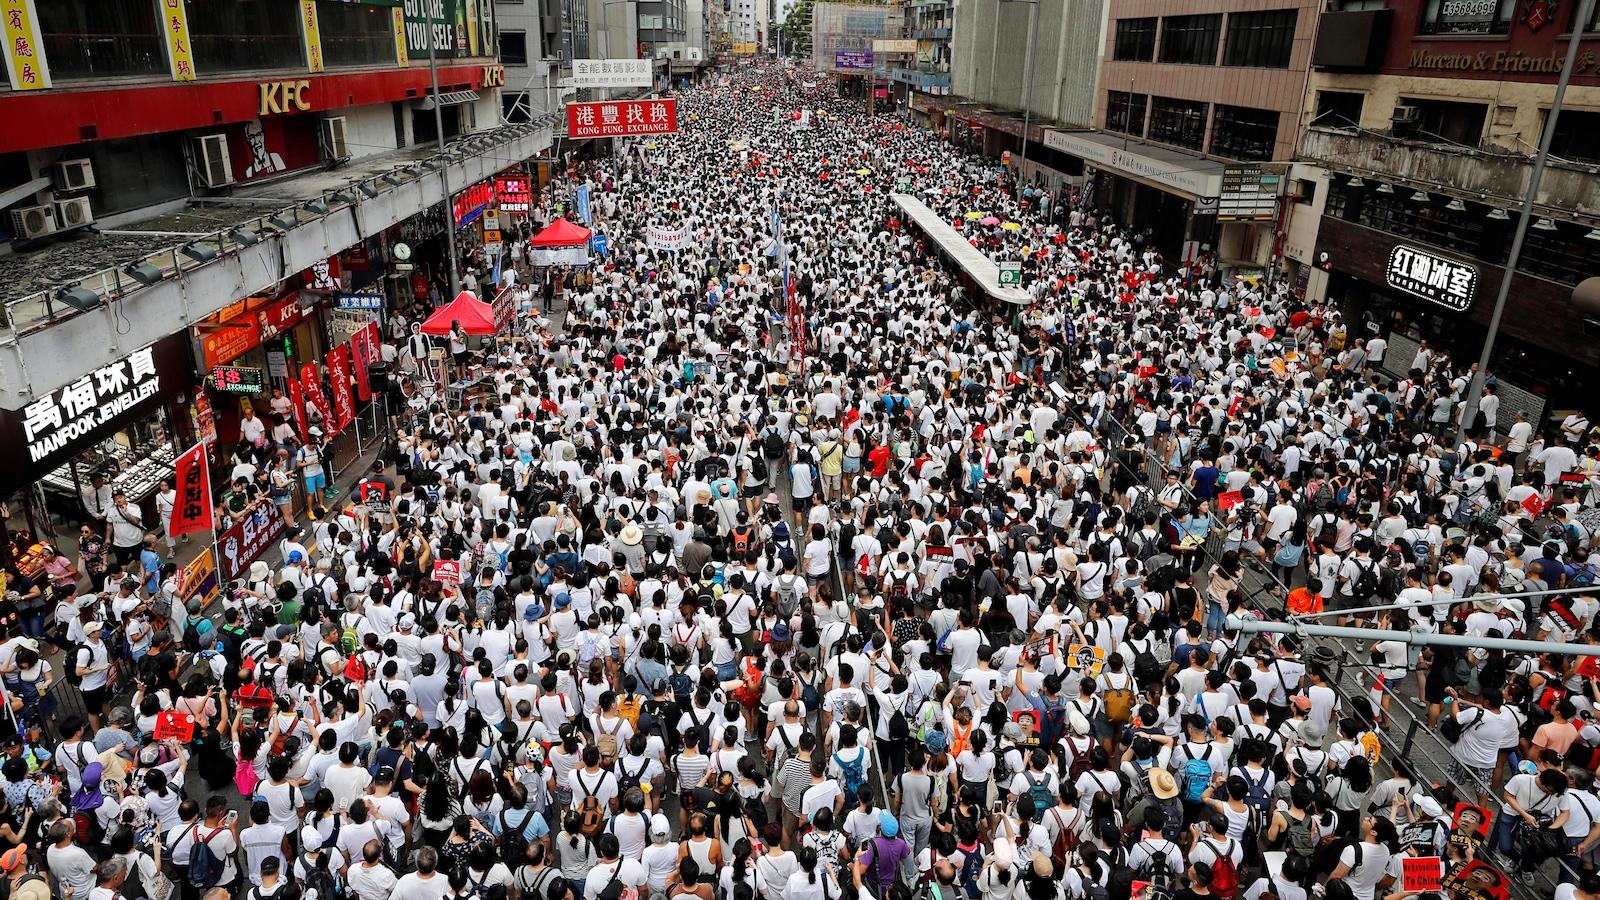 Un million de personnes manifestent contre un projet de loi — Hong Kong